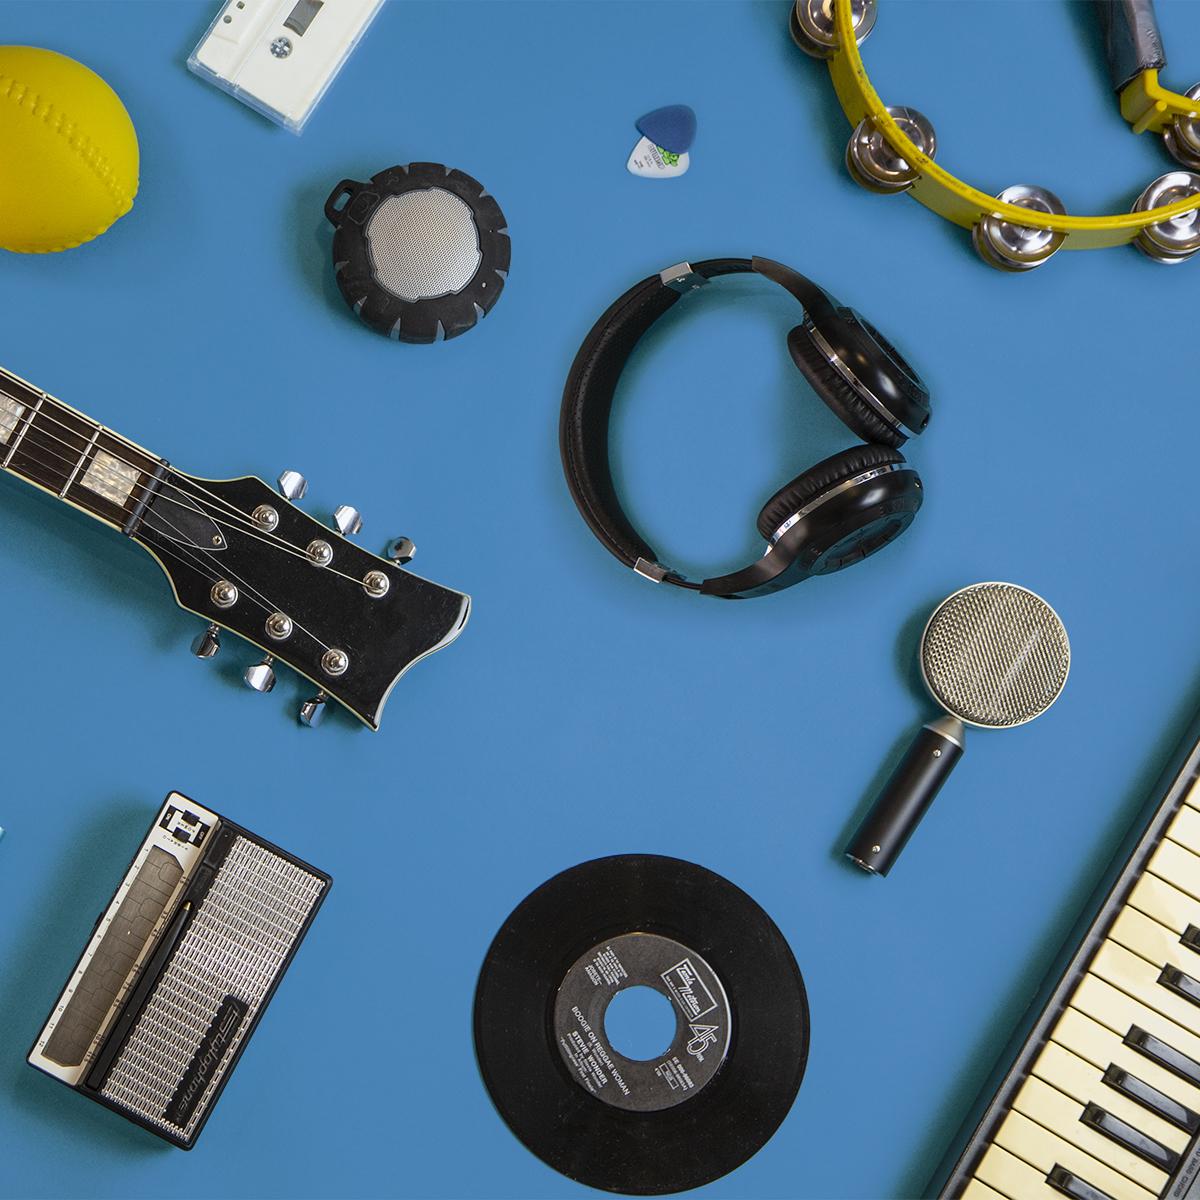 Opi musiikin tuntijaksi, taitajaksi, kokijaksi